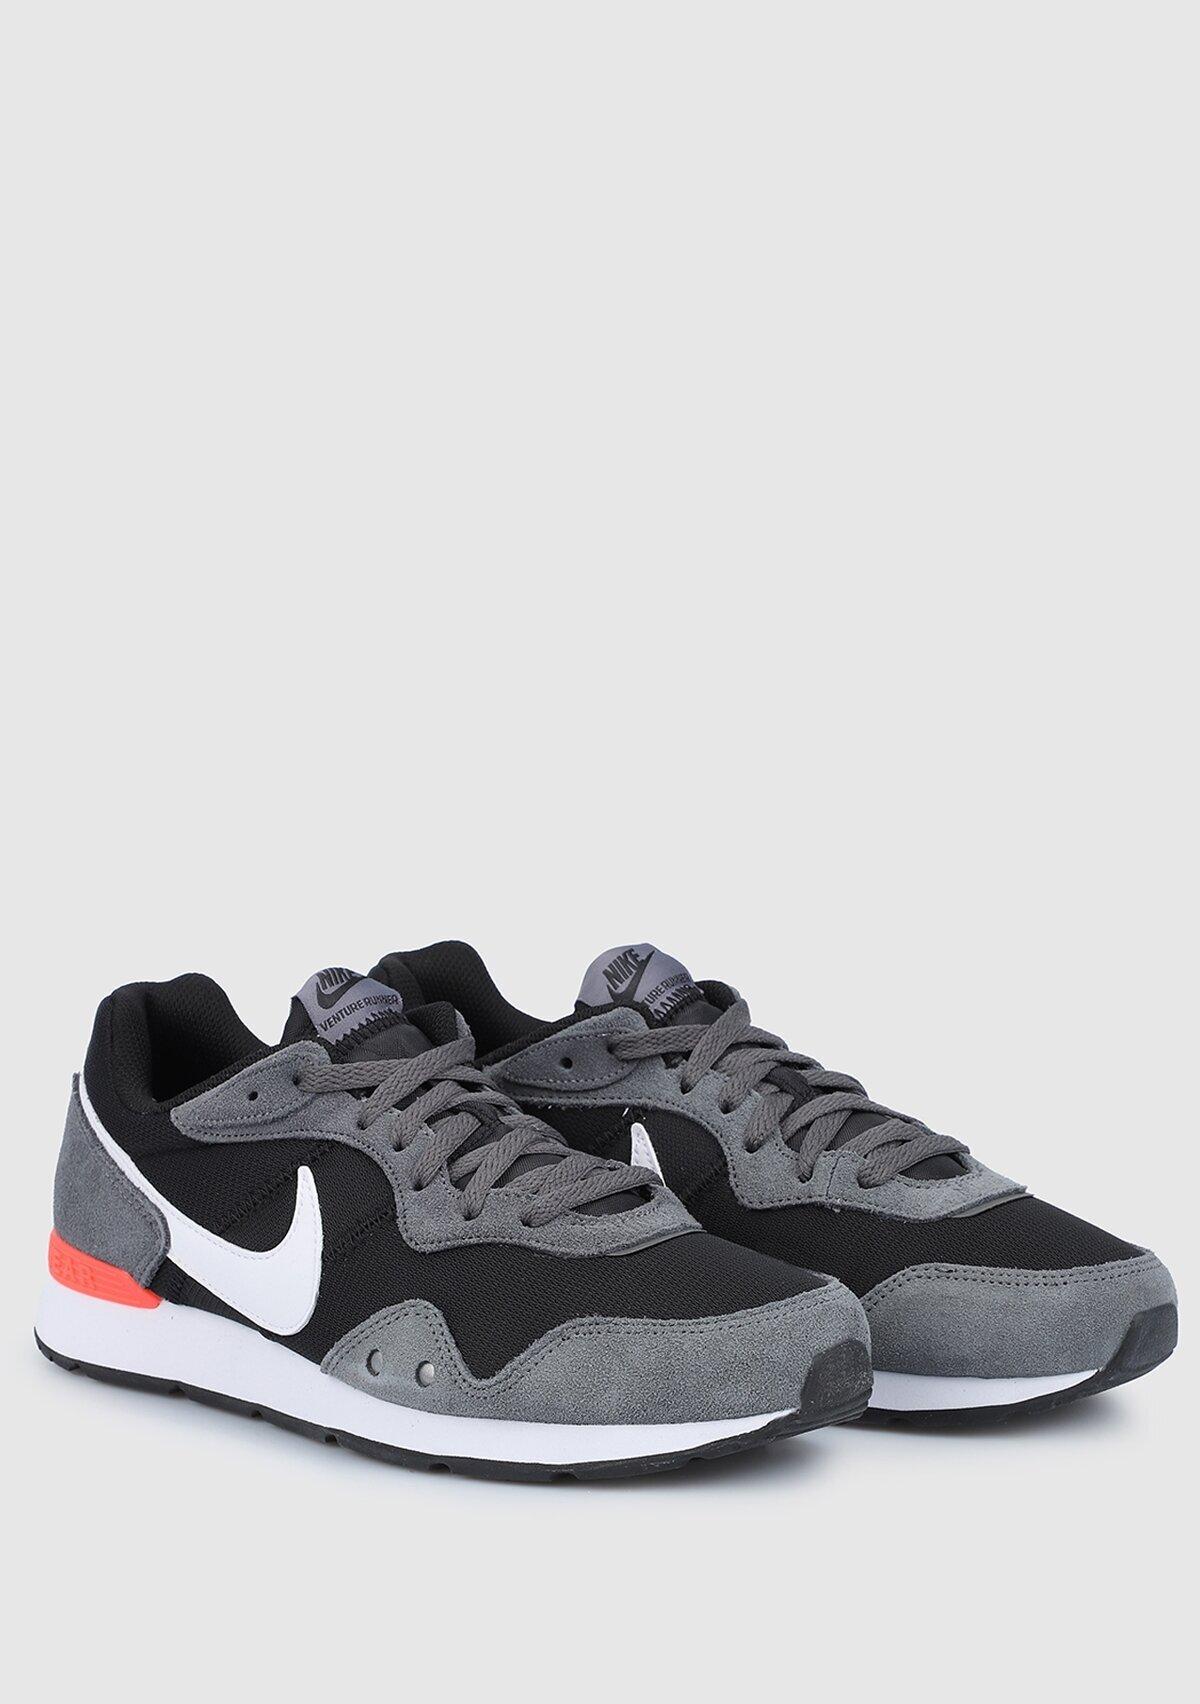 resm Venture Runner Siyah Erkek Sneaker Ck2944-004